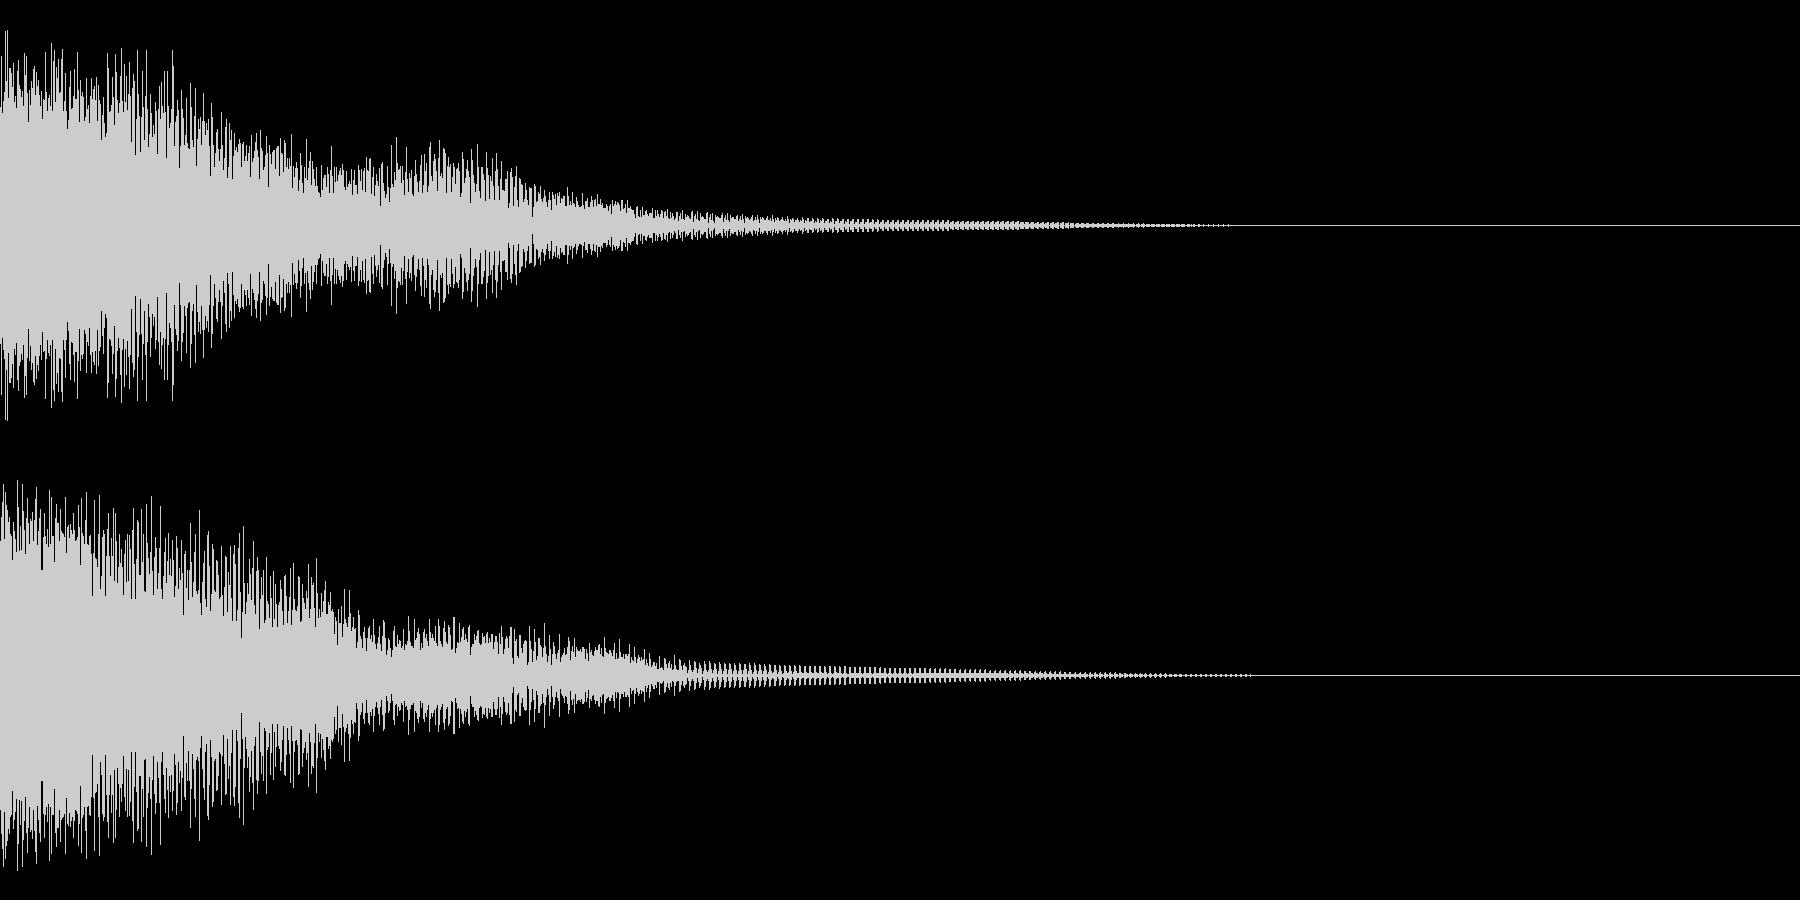 チュゥゥゥンの未再生の波形